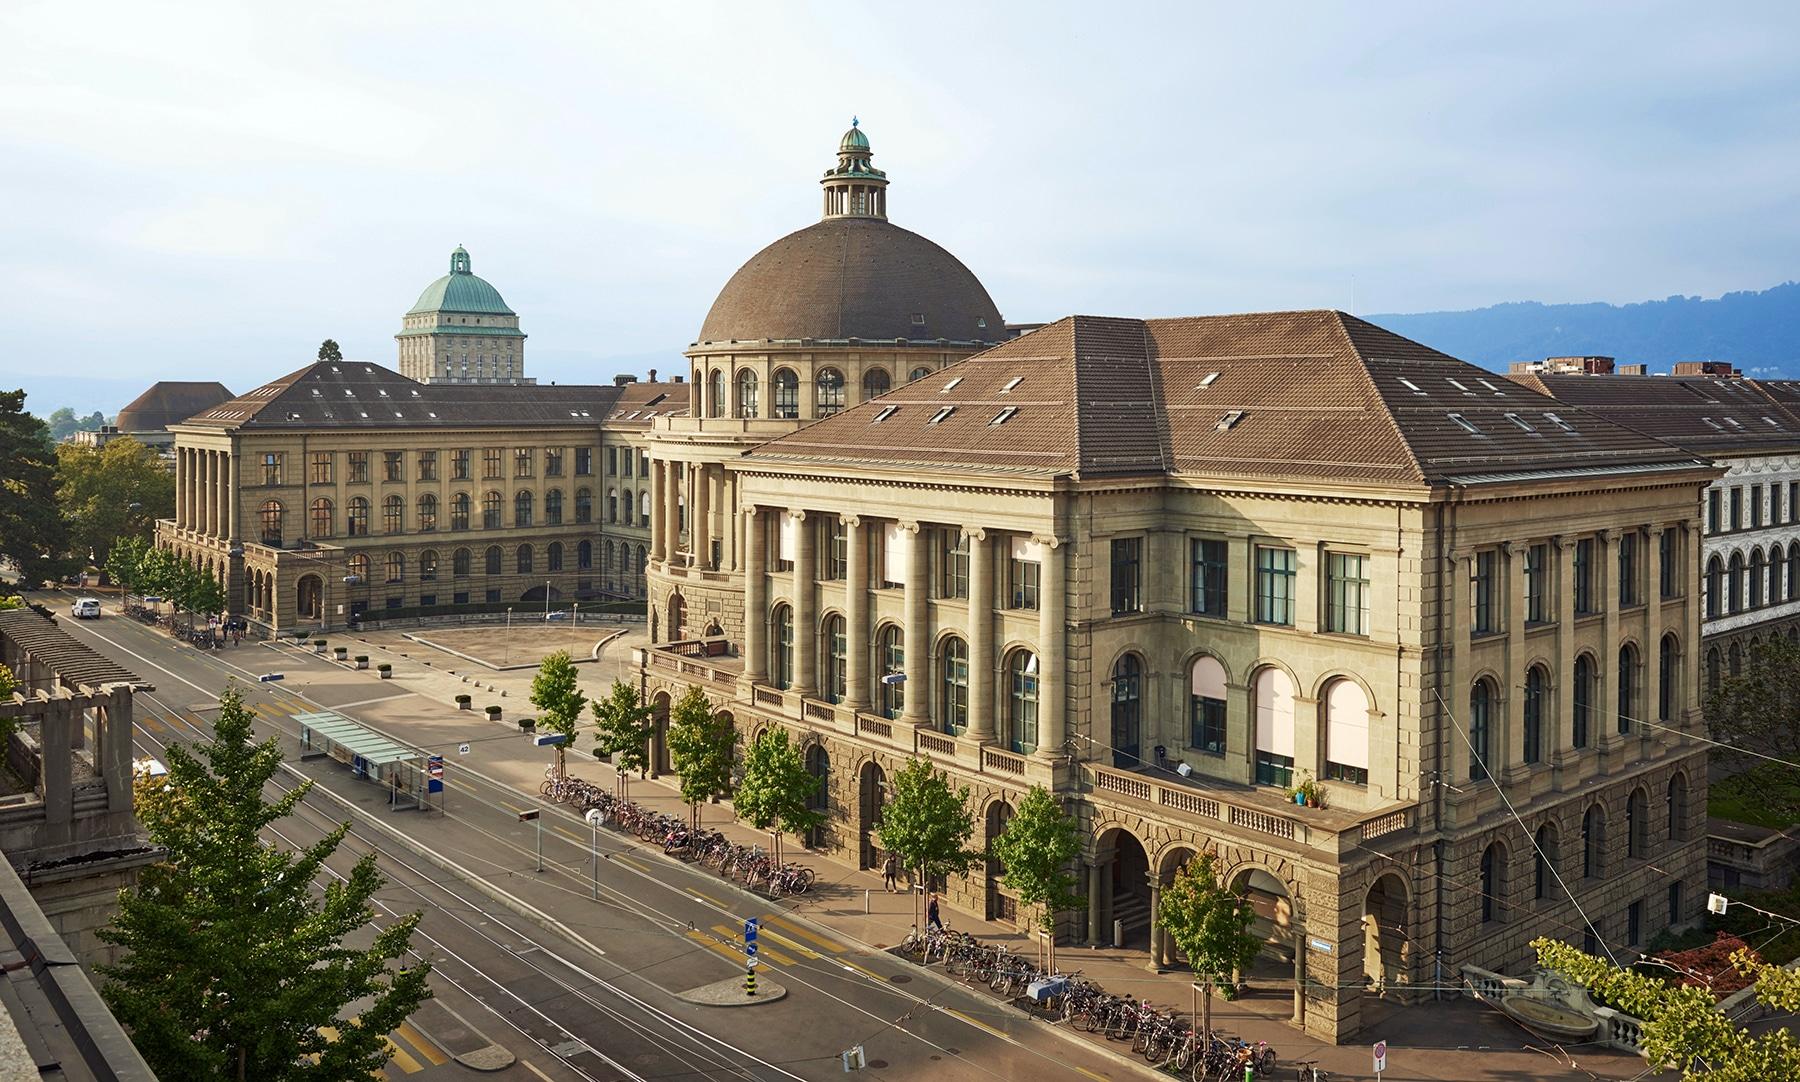 ETH Zürichi ülikool